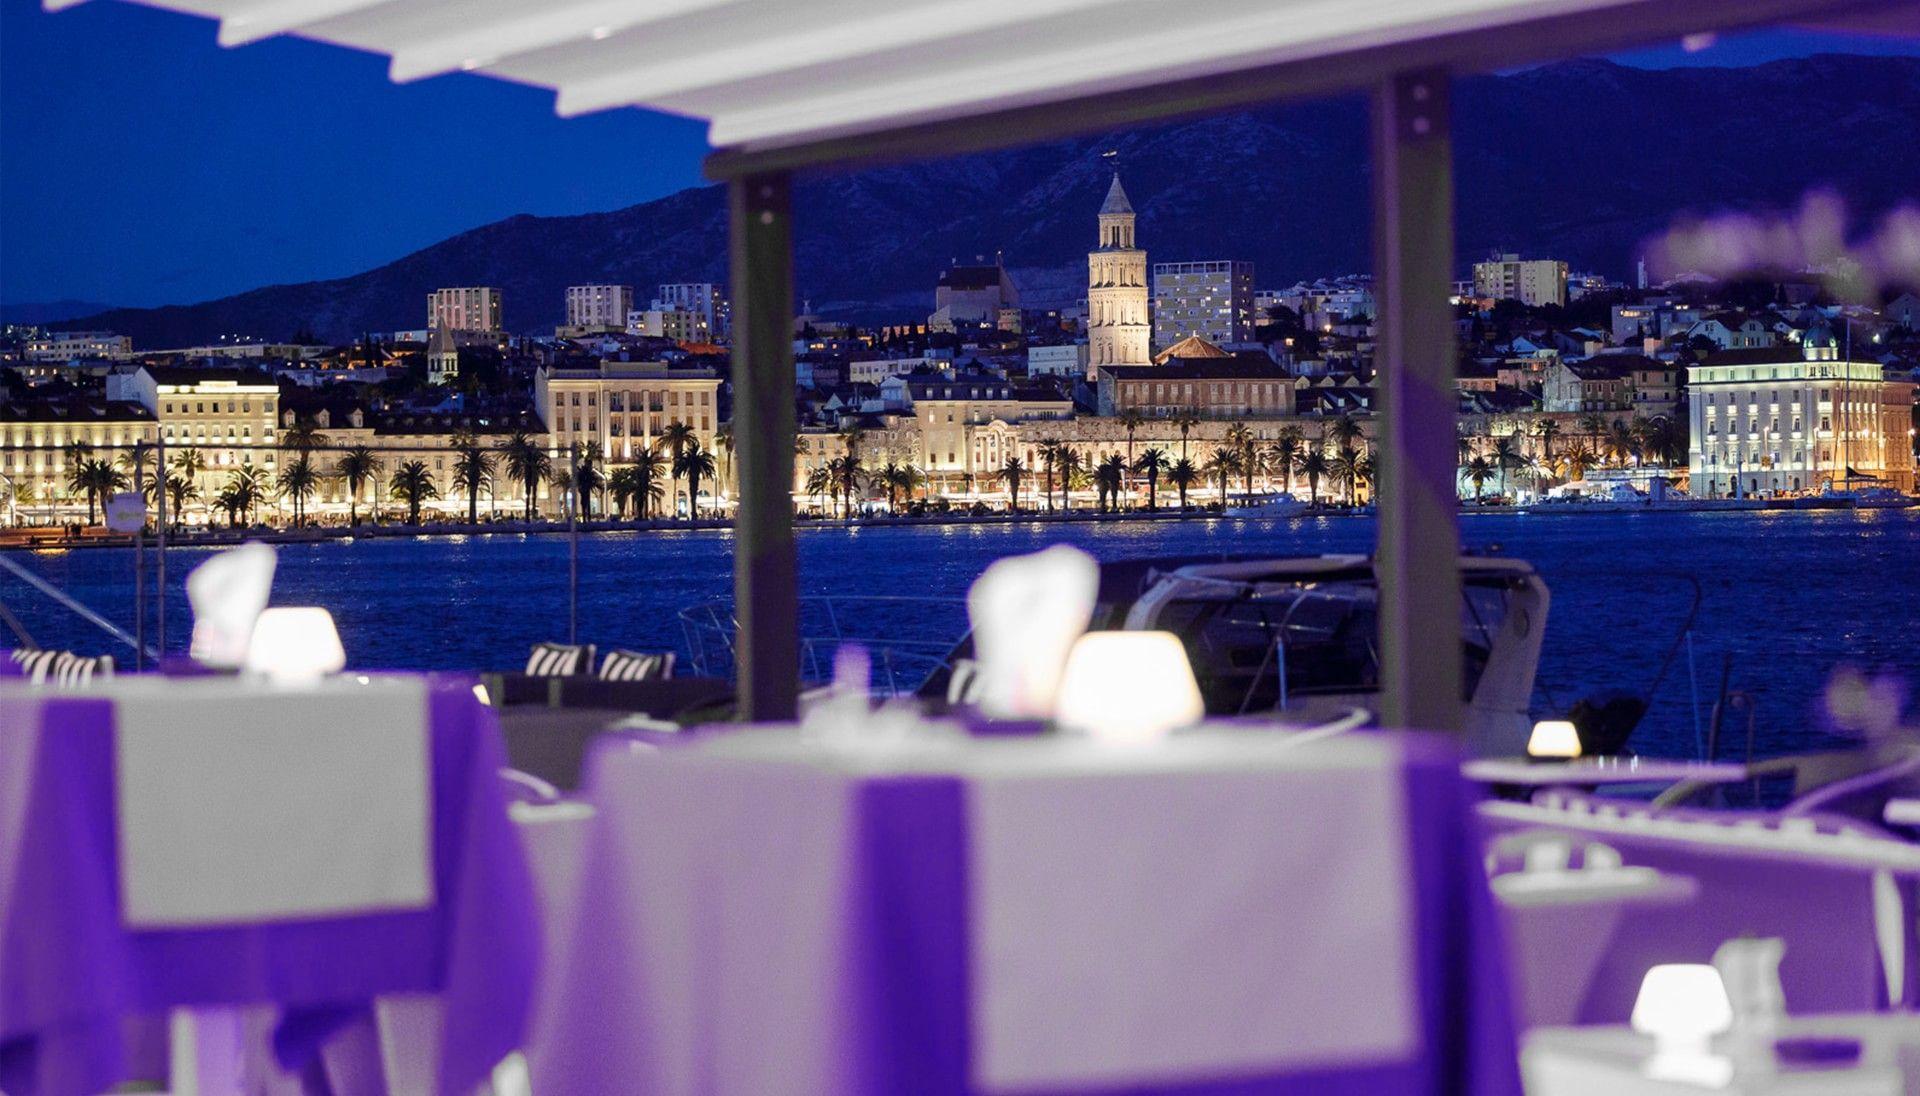 F De Mar Restaurant In Split Restaurant Trip Advisor Best Dining